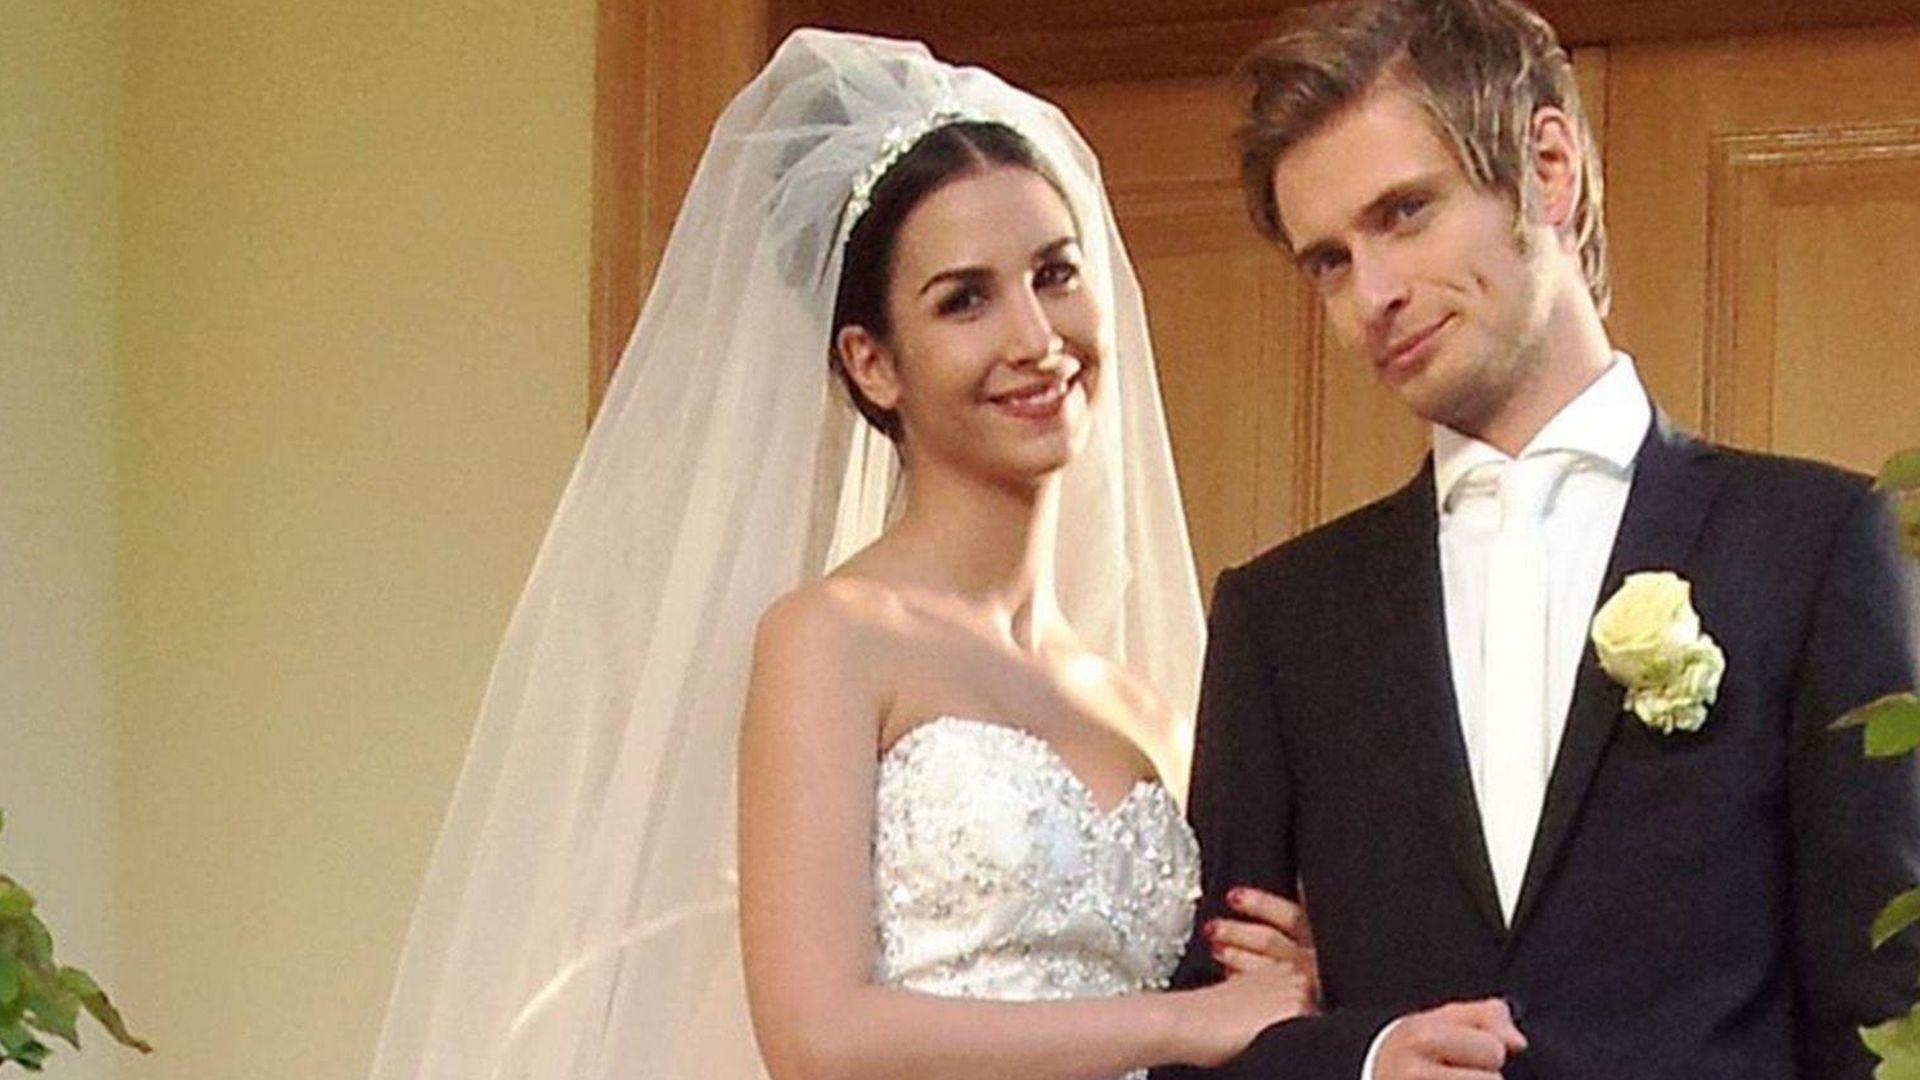 Atemberaubend Hochzeitskleid Spende Ideen - Brautkleider Ideen ...